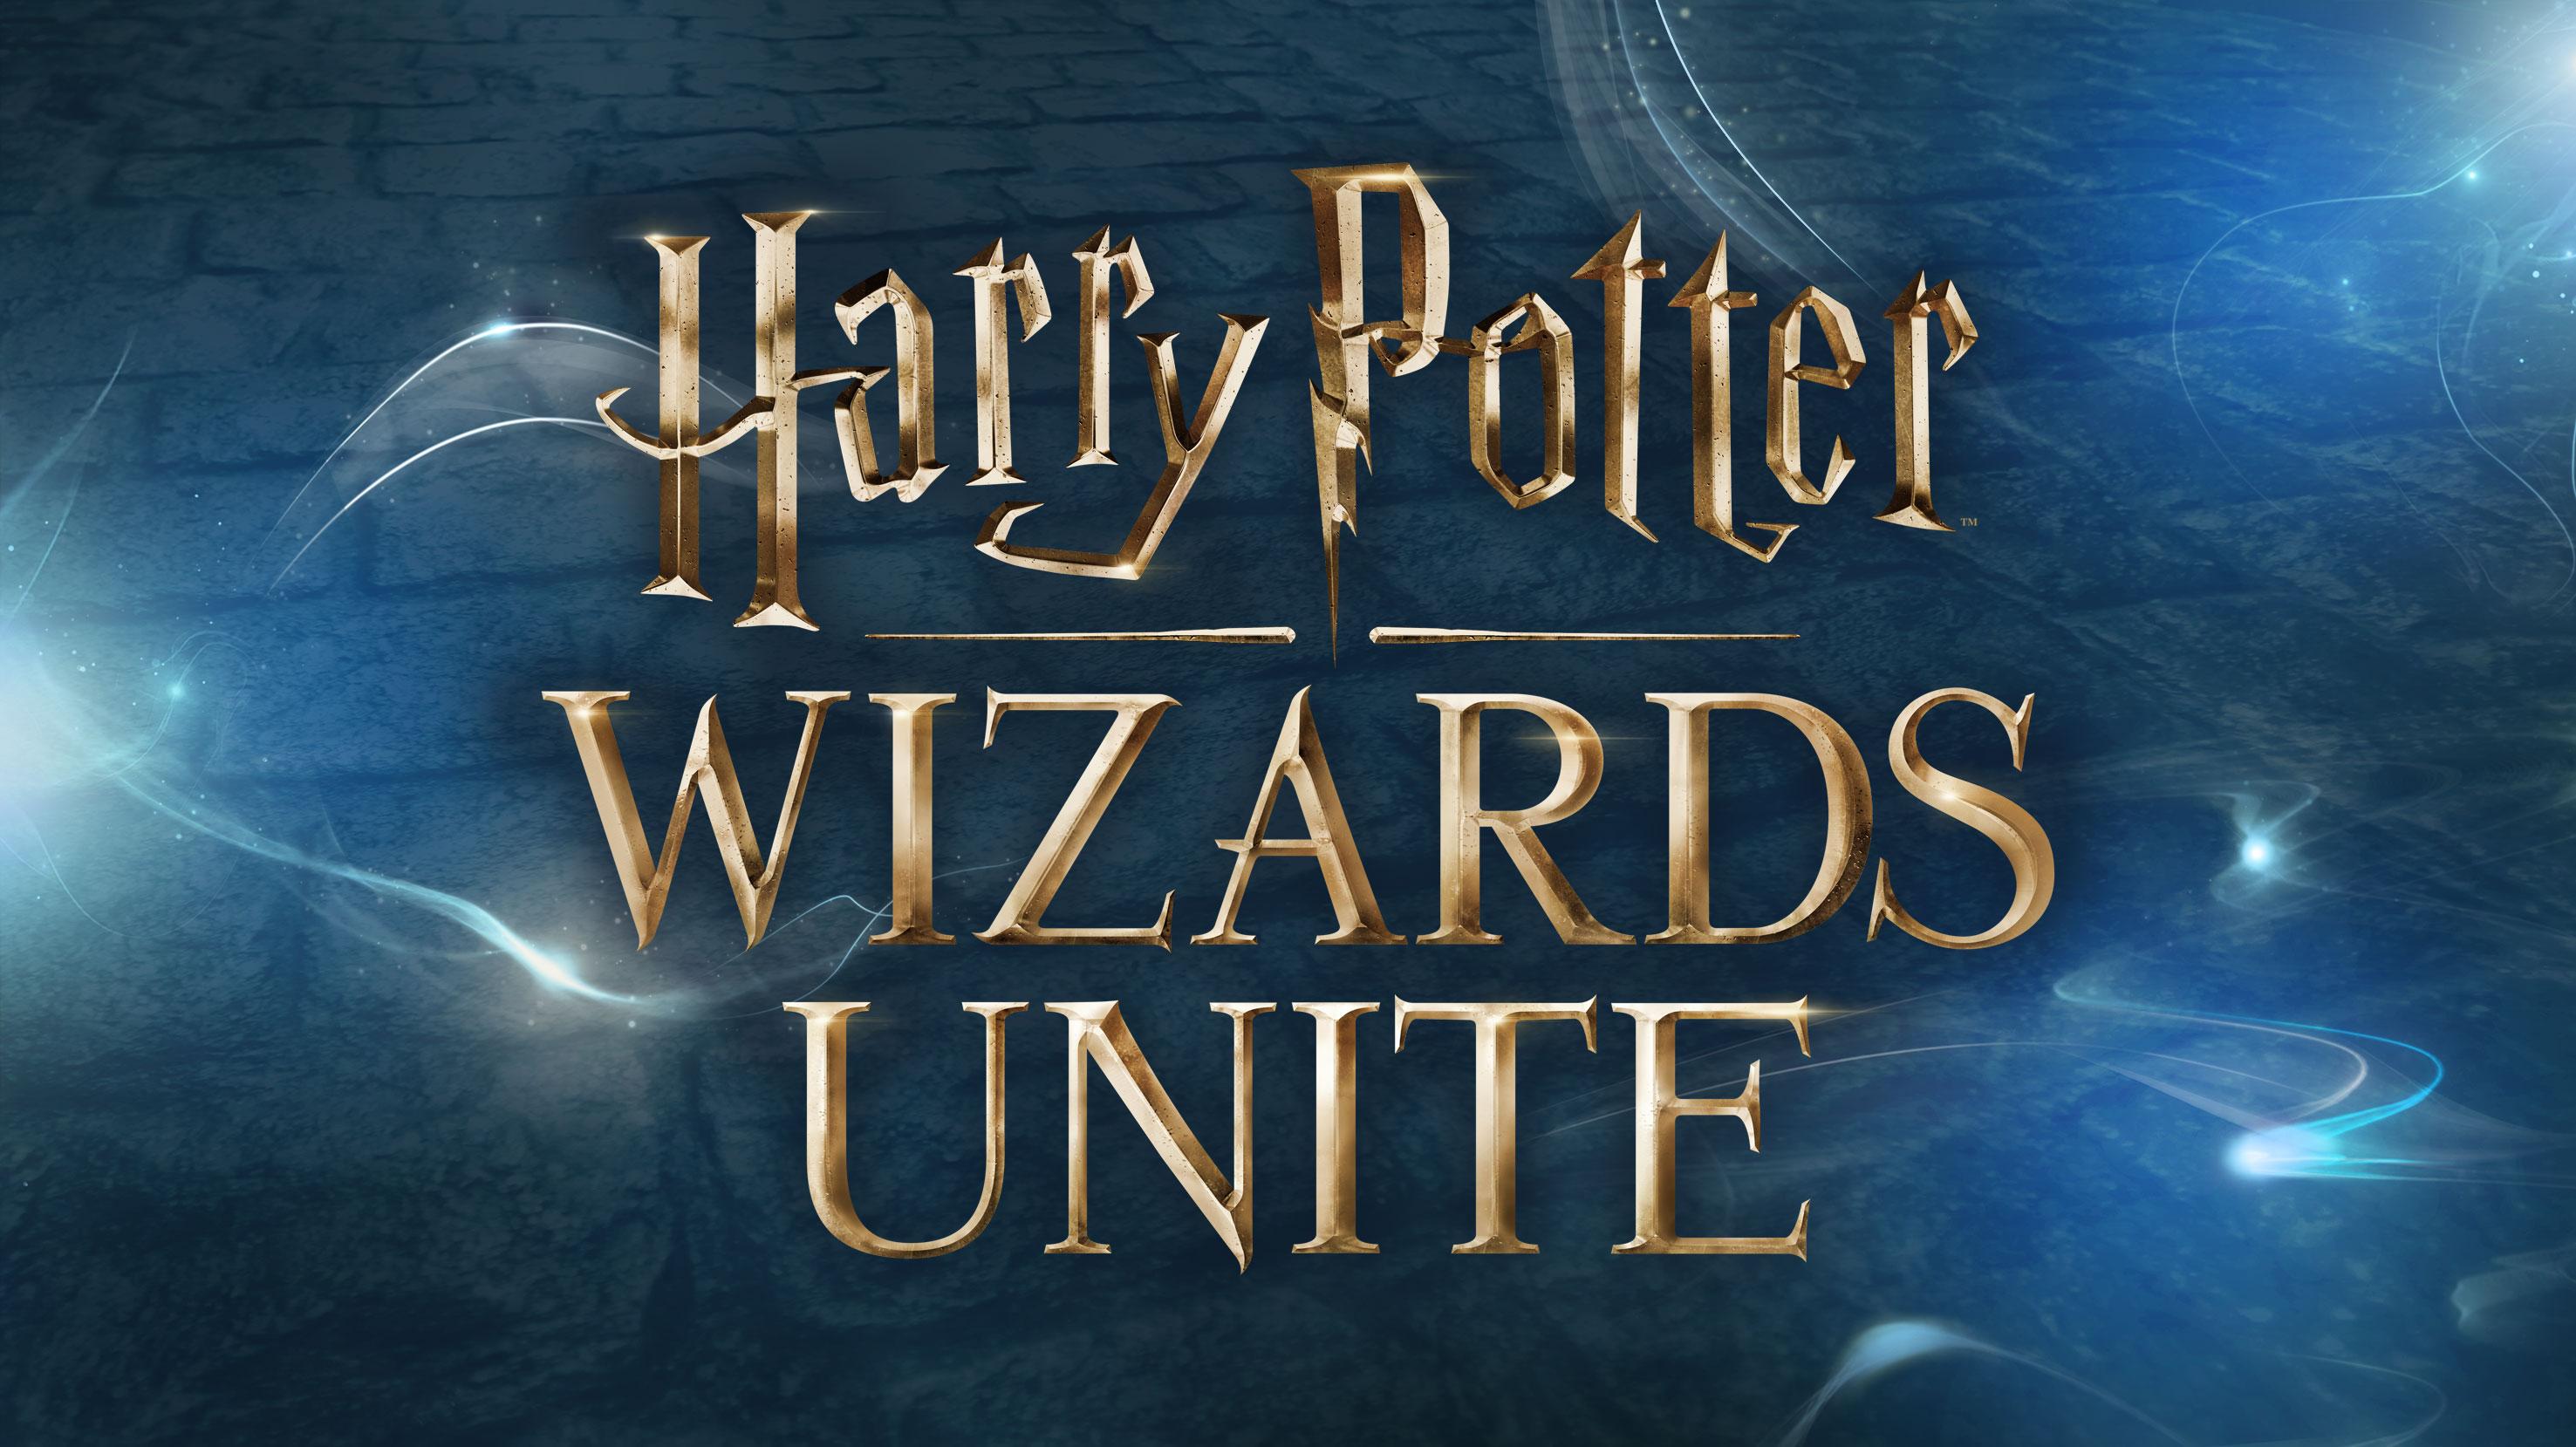 Afbeeldingsresultaat voor harry potter wizards unite